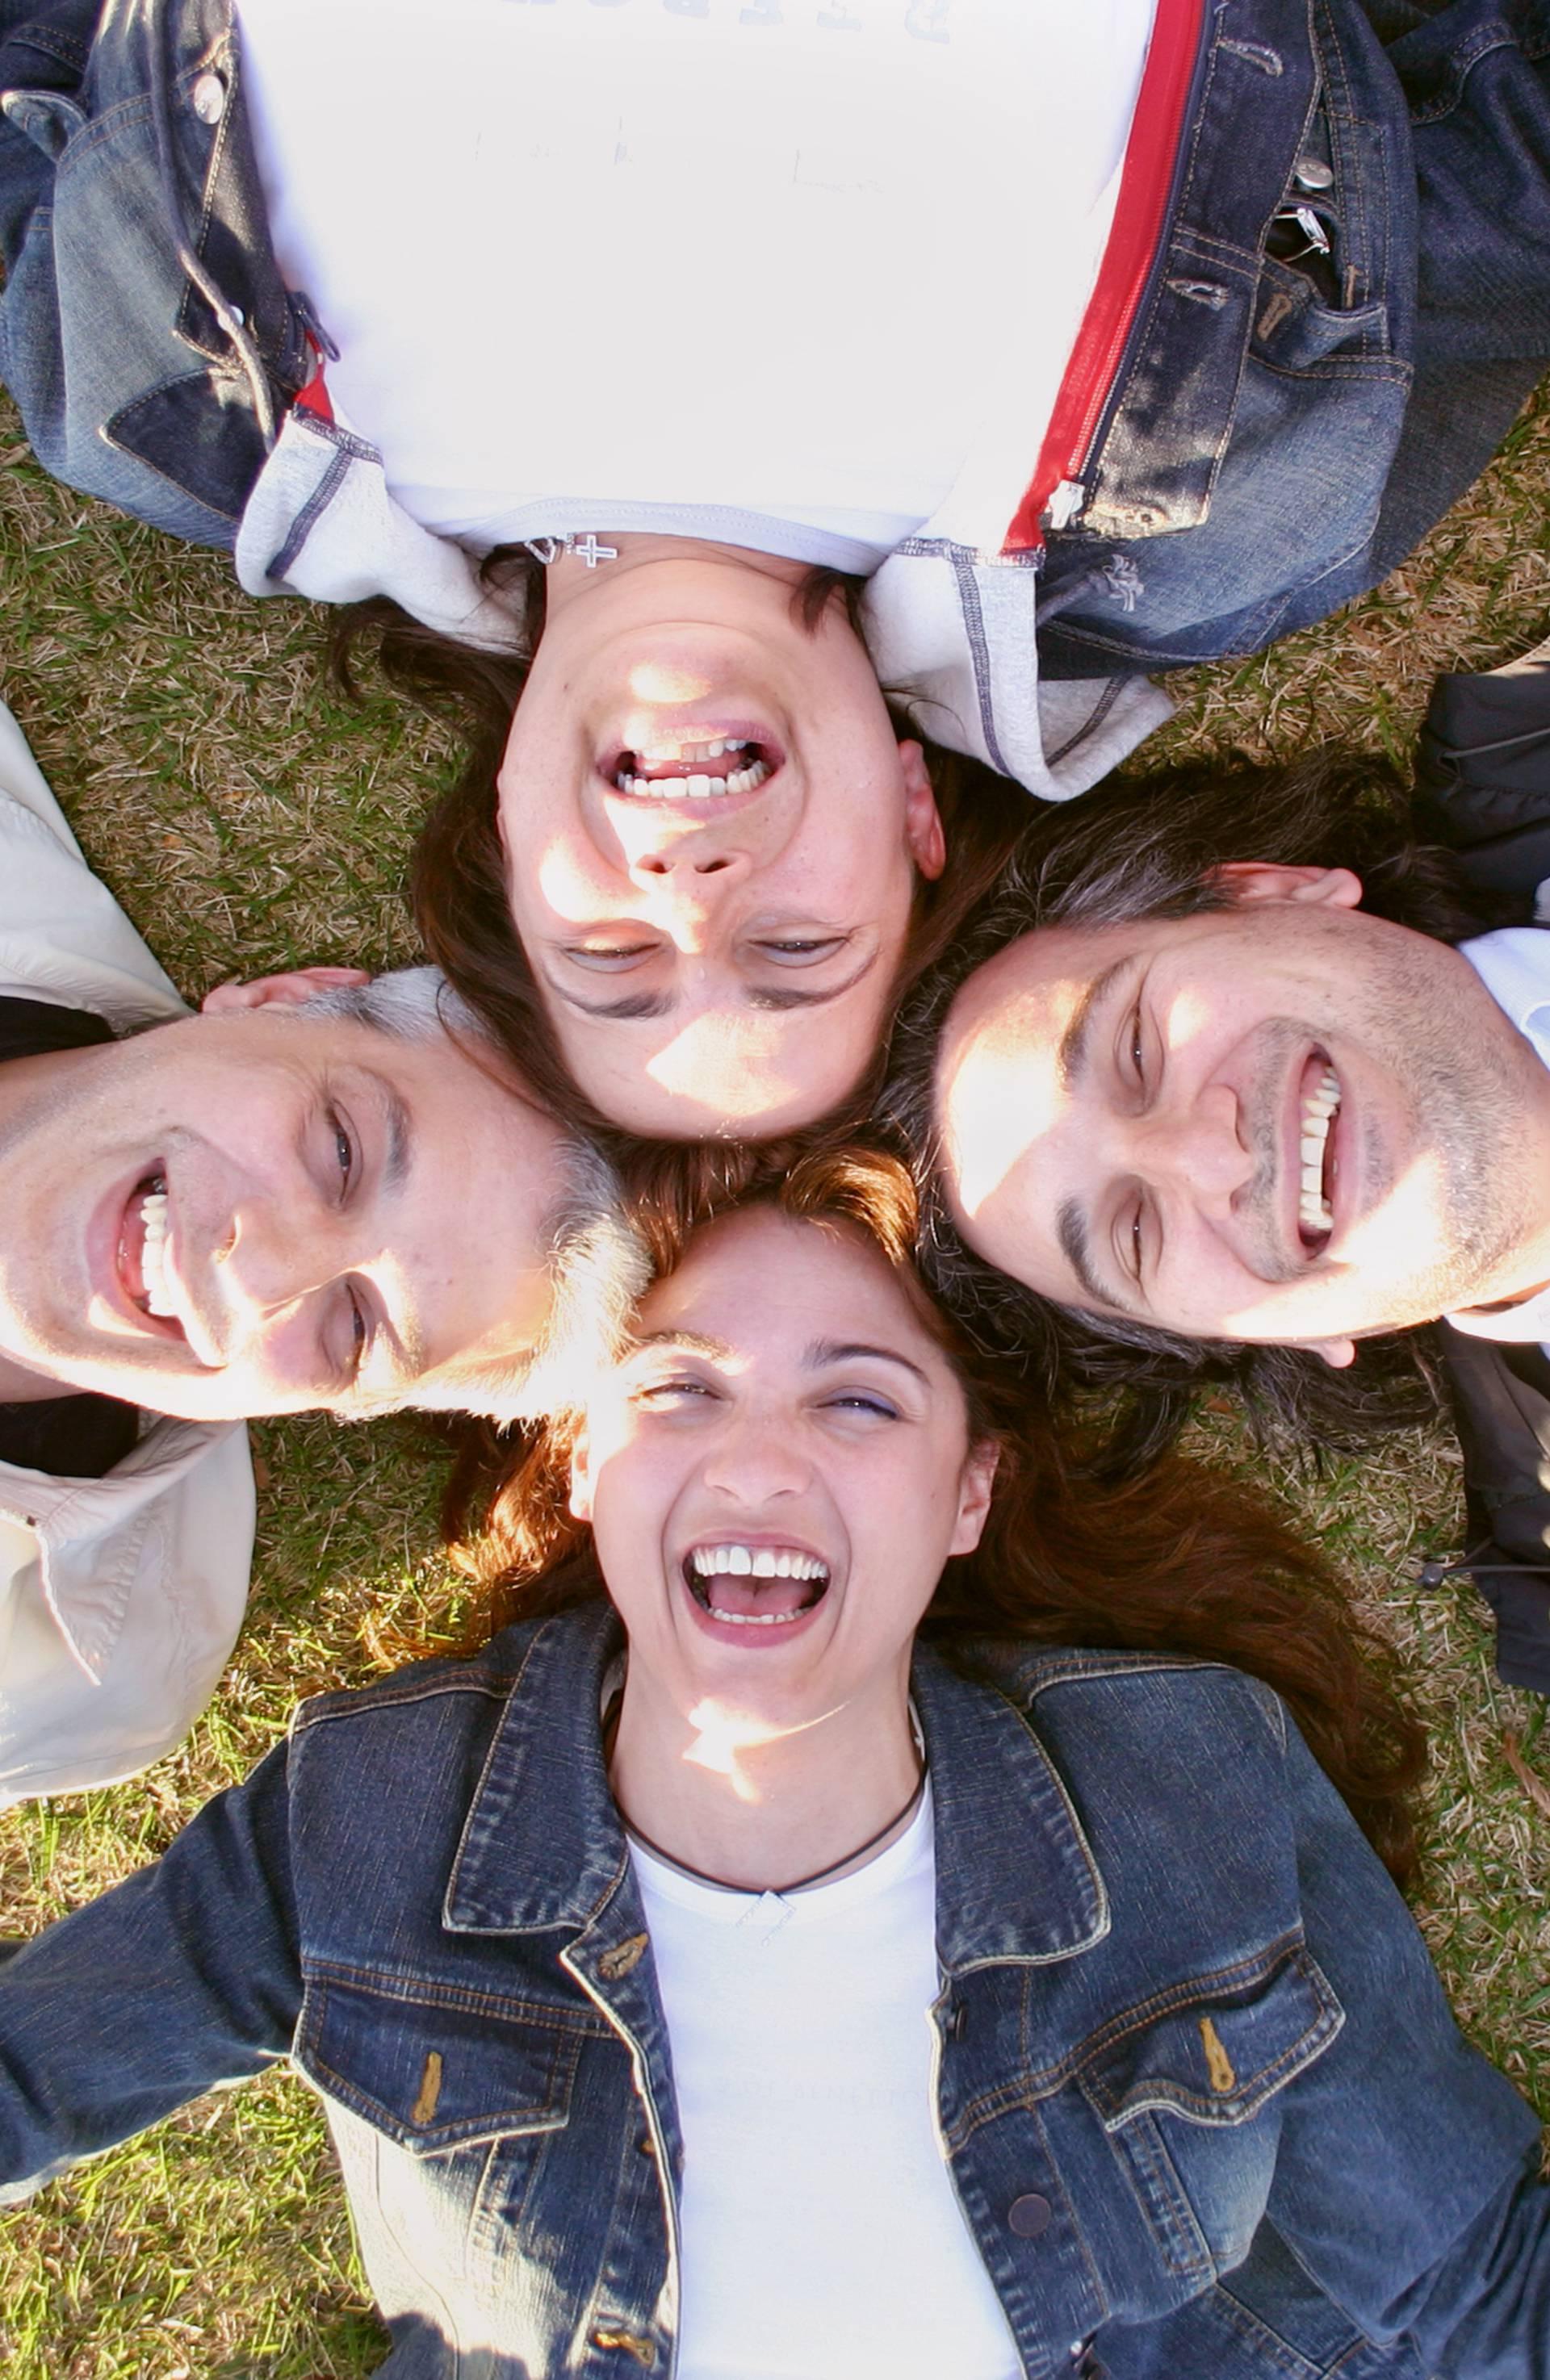 Postoje 4 nova tipa osobnosti: Rezerviran, prosječan, uzoran